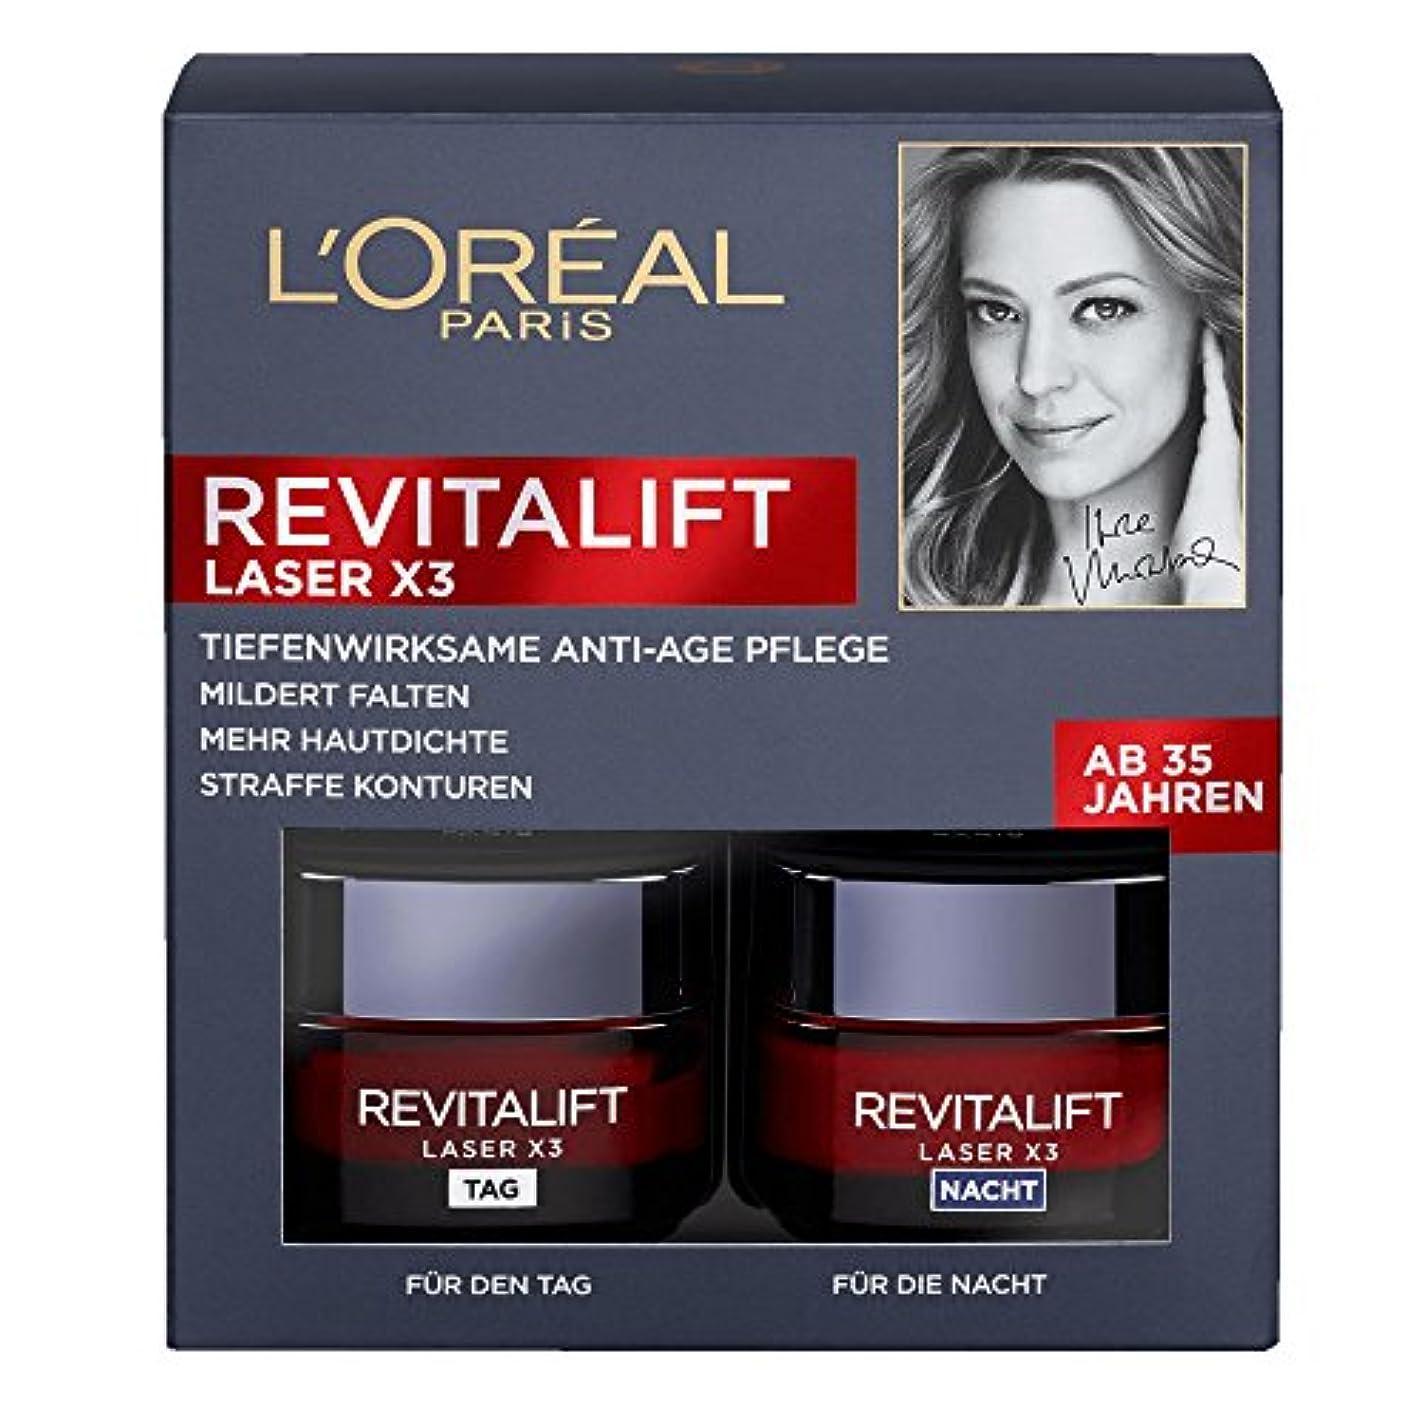 するだろう伝記メニューロレアル パリ リバイタリフト レーザーX3 ナイトクリームマスク L'Oreal Revitalift Laser Anti-Age LaserX3 Night Cream+Day Cream Set [並行輸入品]